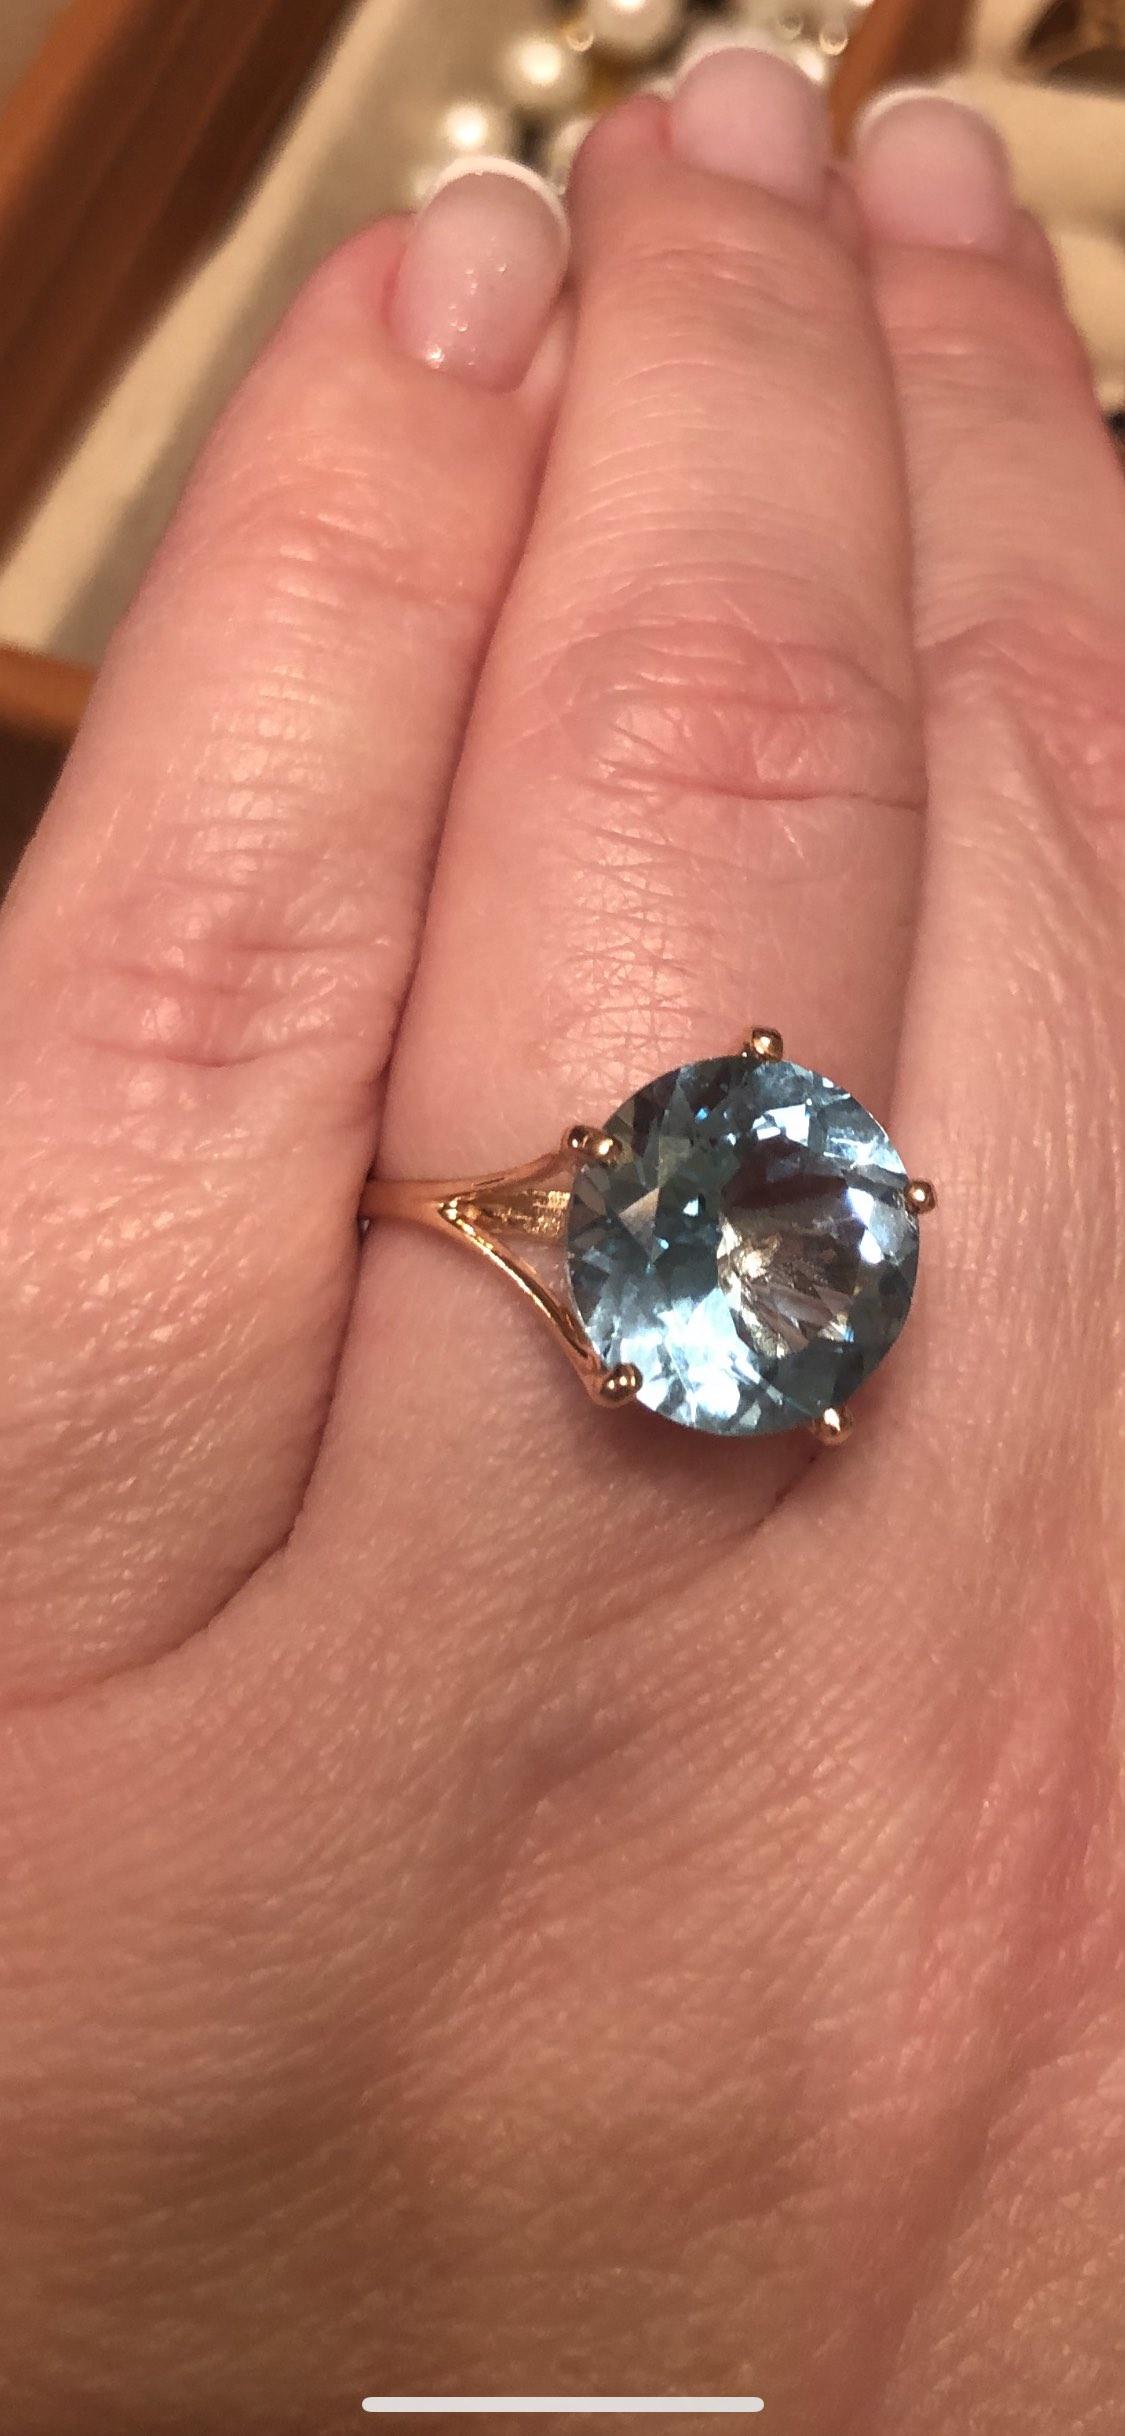 Давно мечтала о таком кольце!